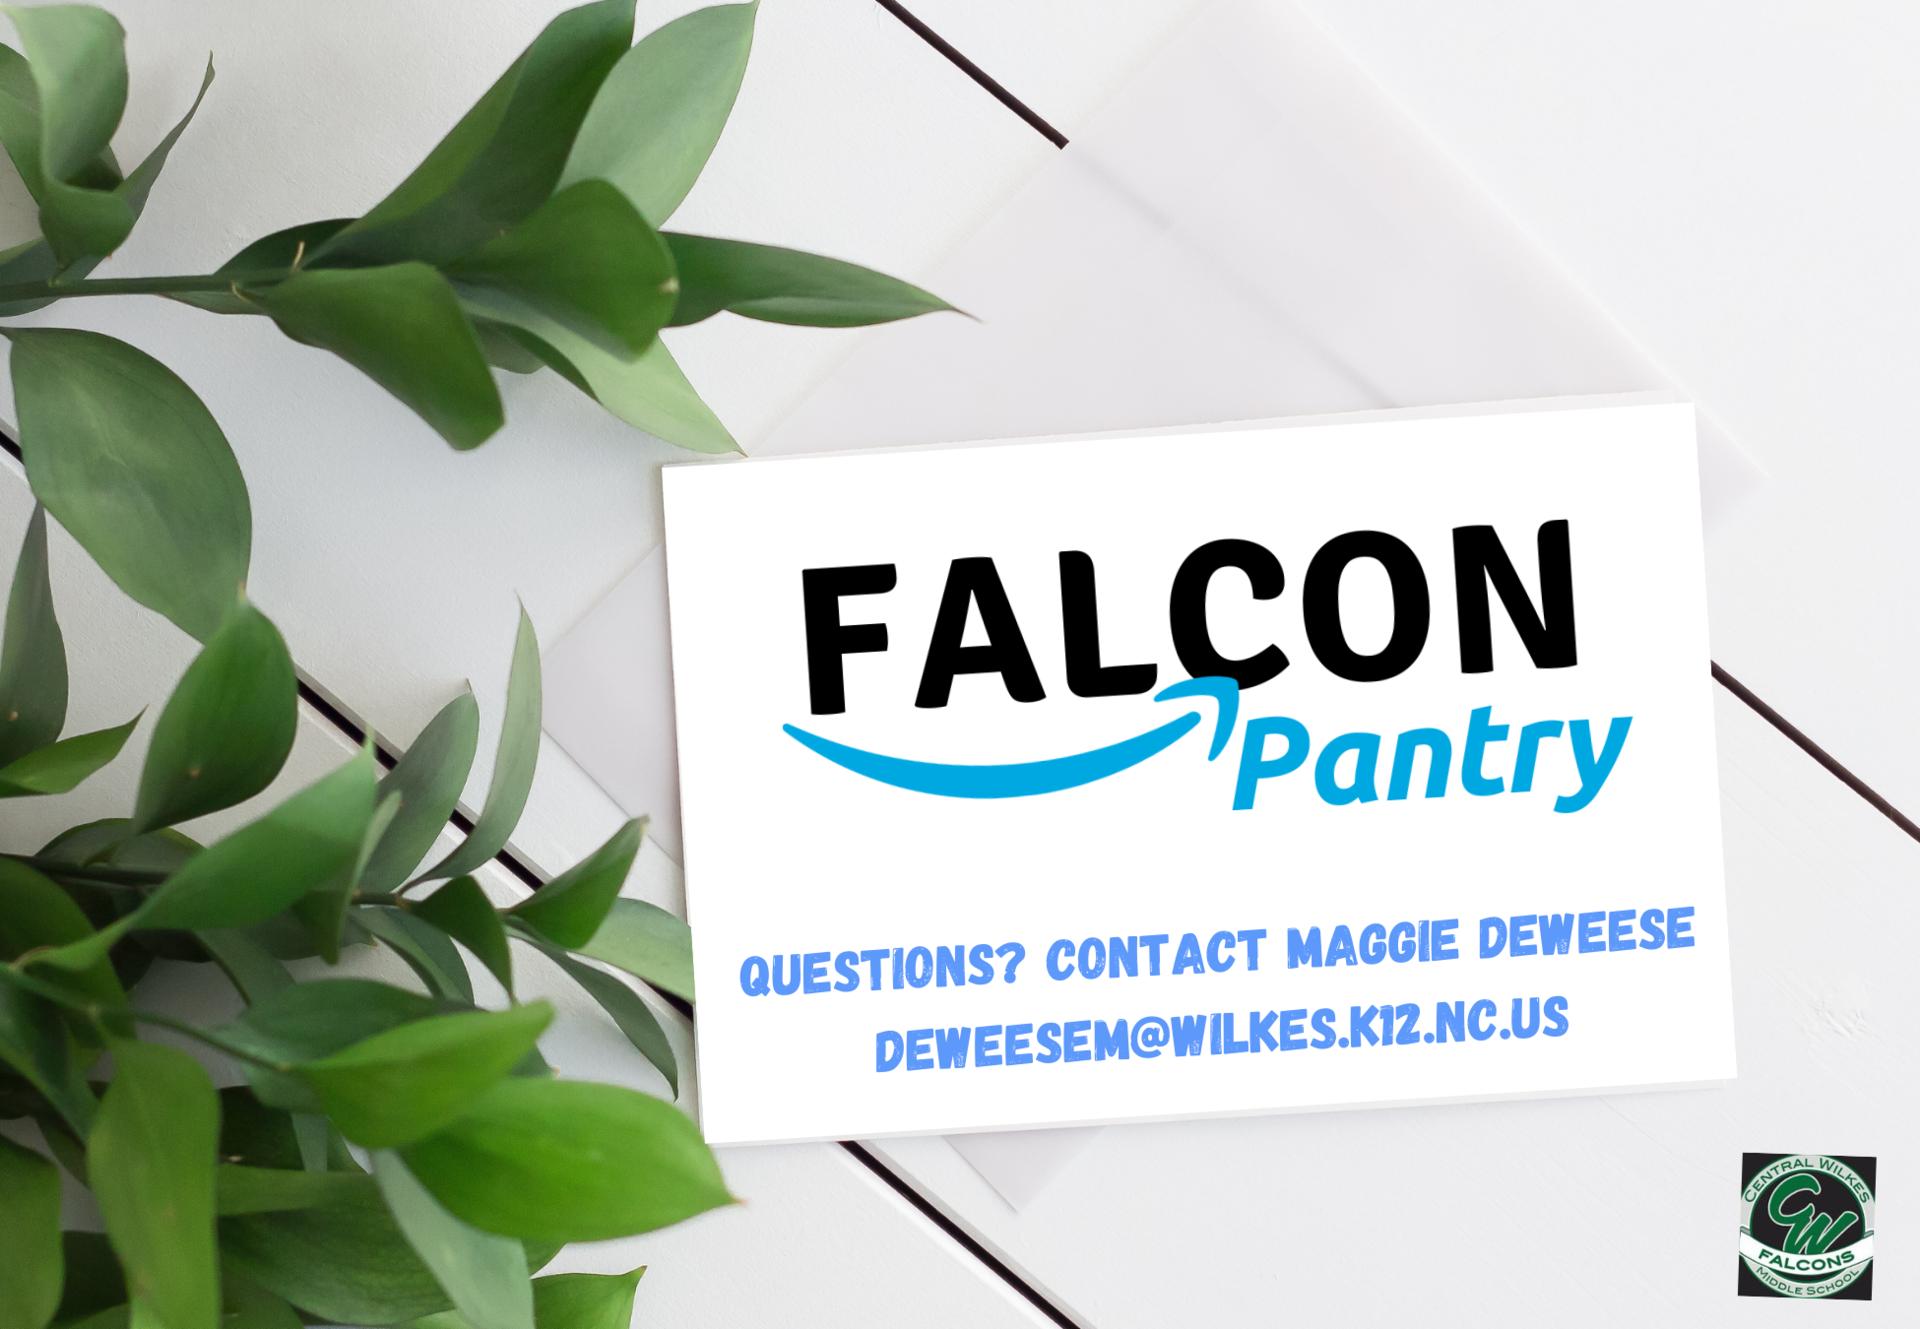 falcon pantry